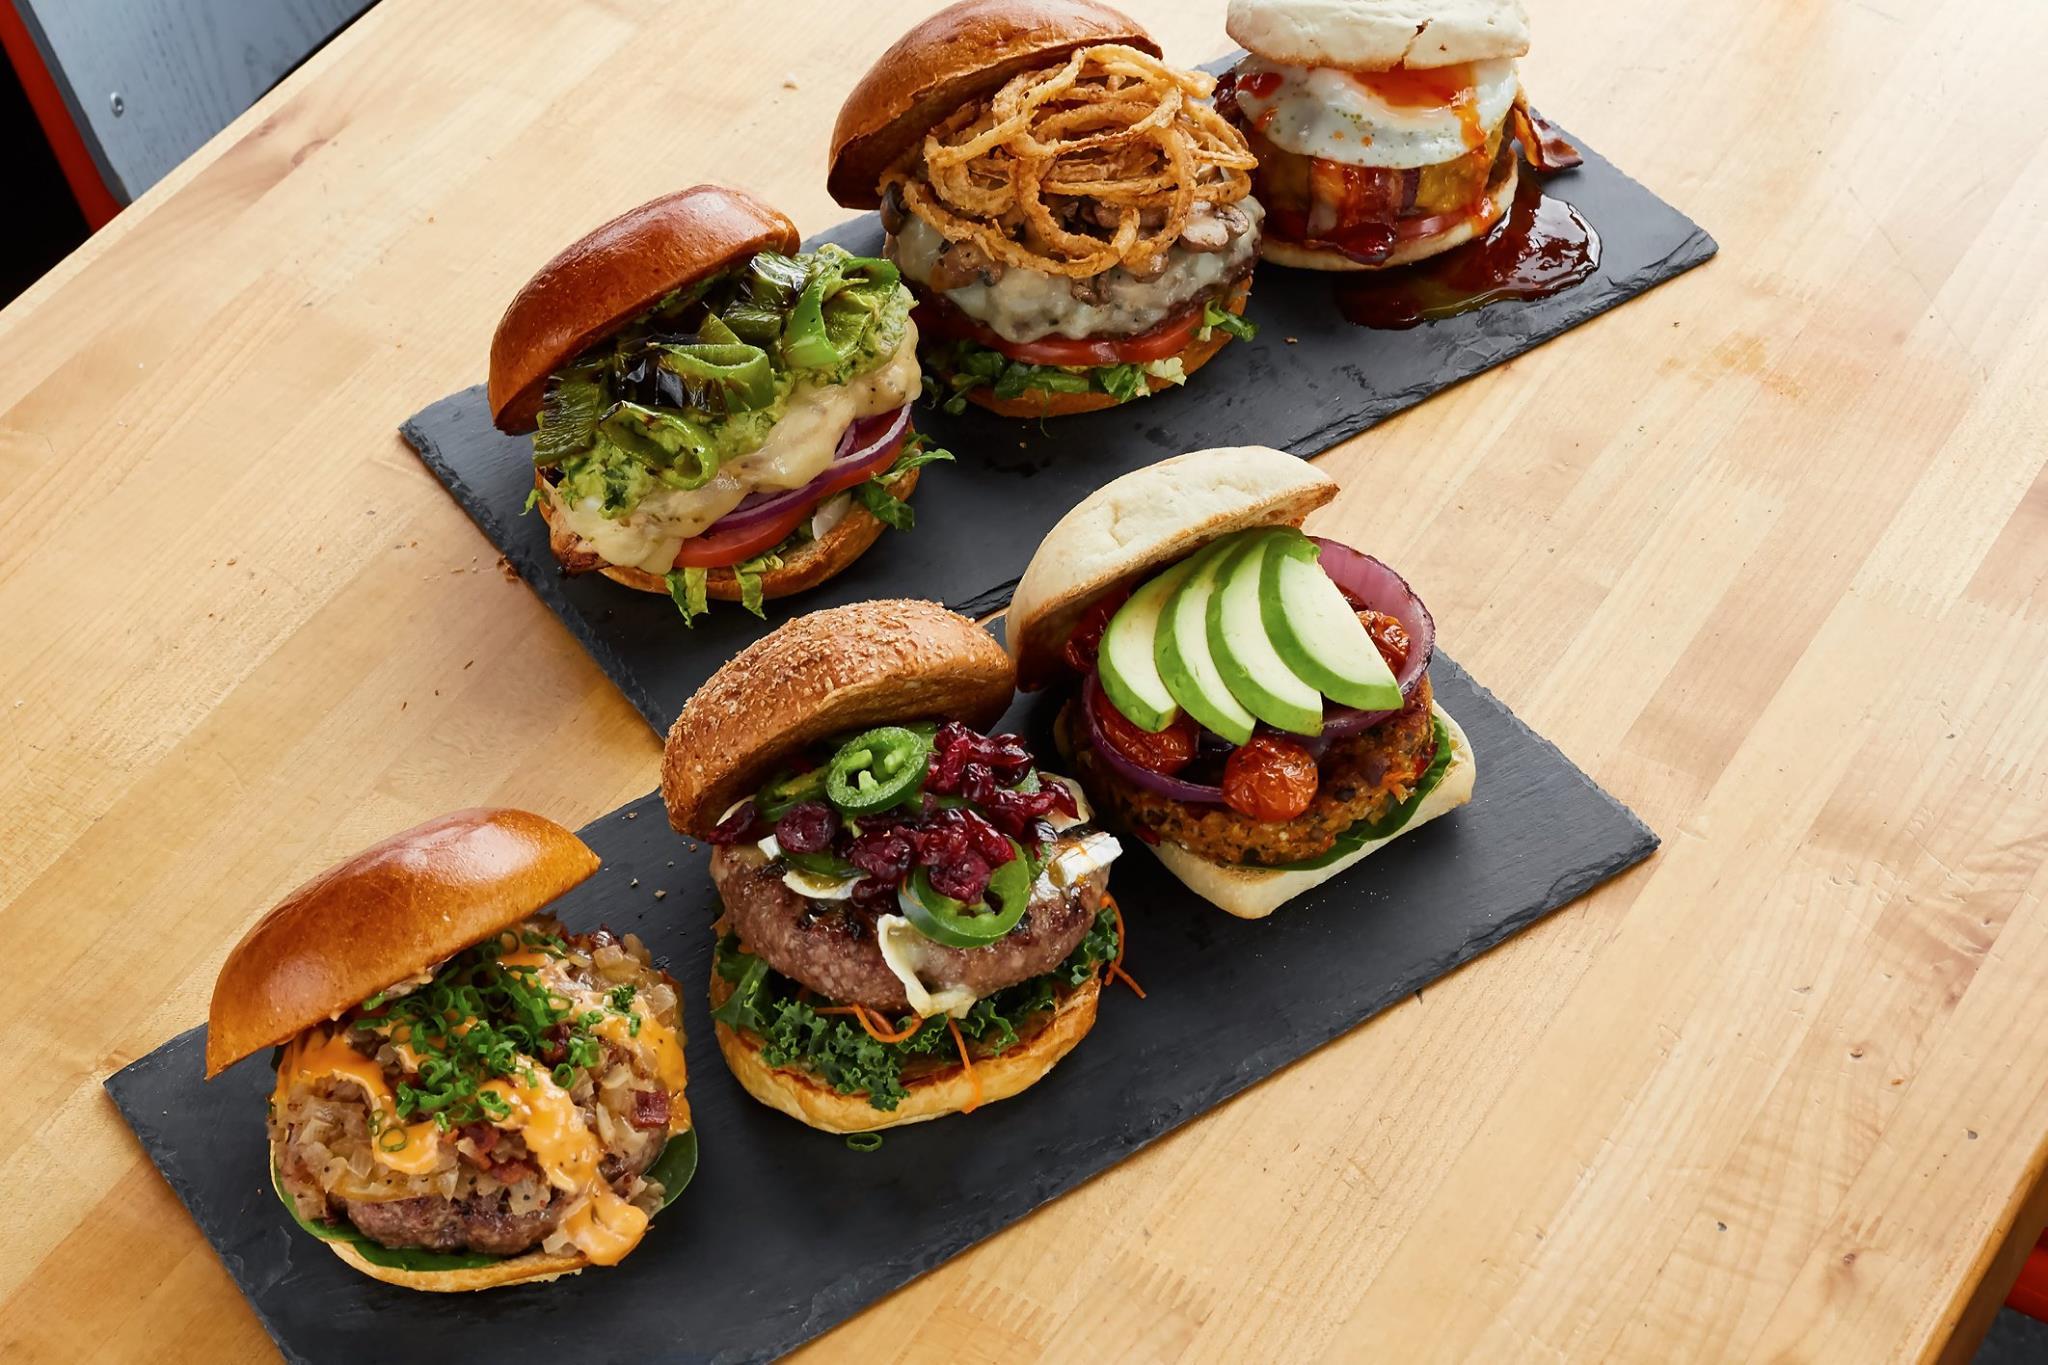 The Counter Burger Corte Madera reviews | Burgers at 201 Town Center - Corte Madera CA